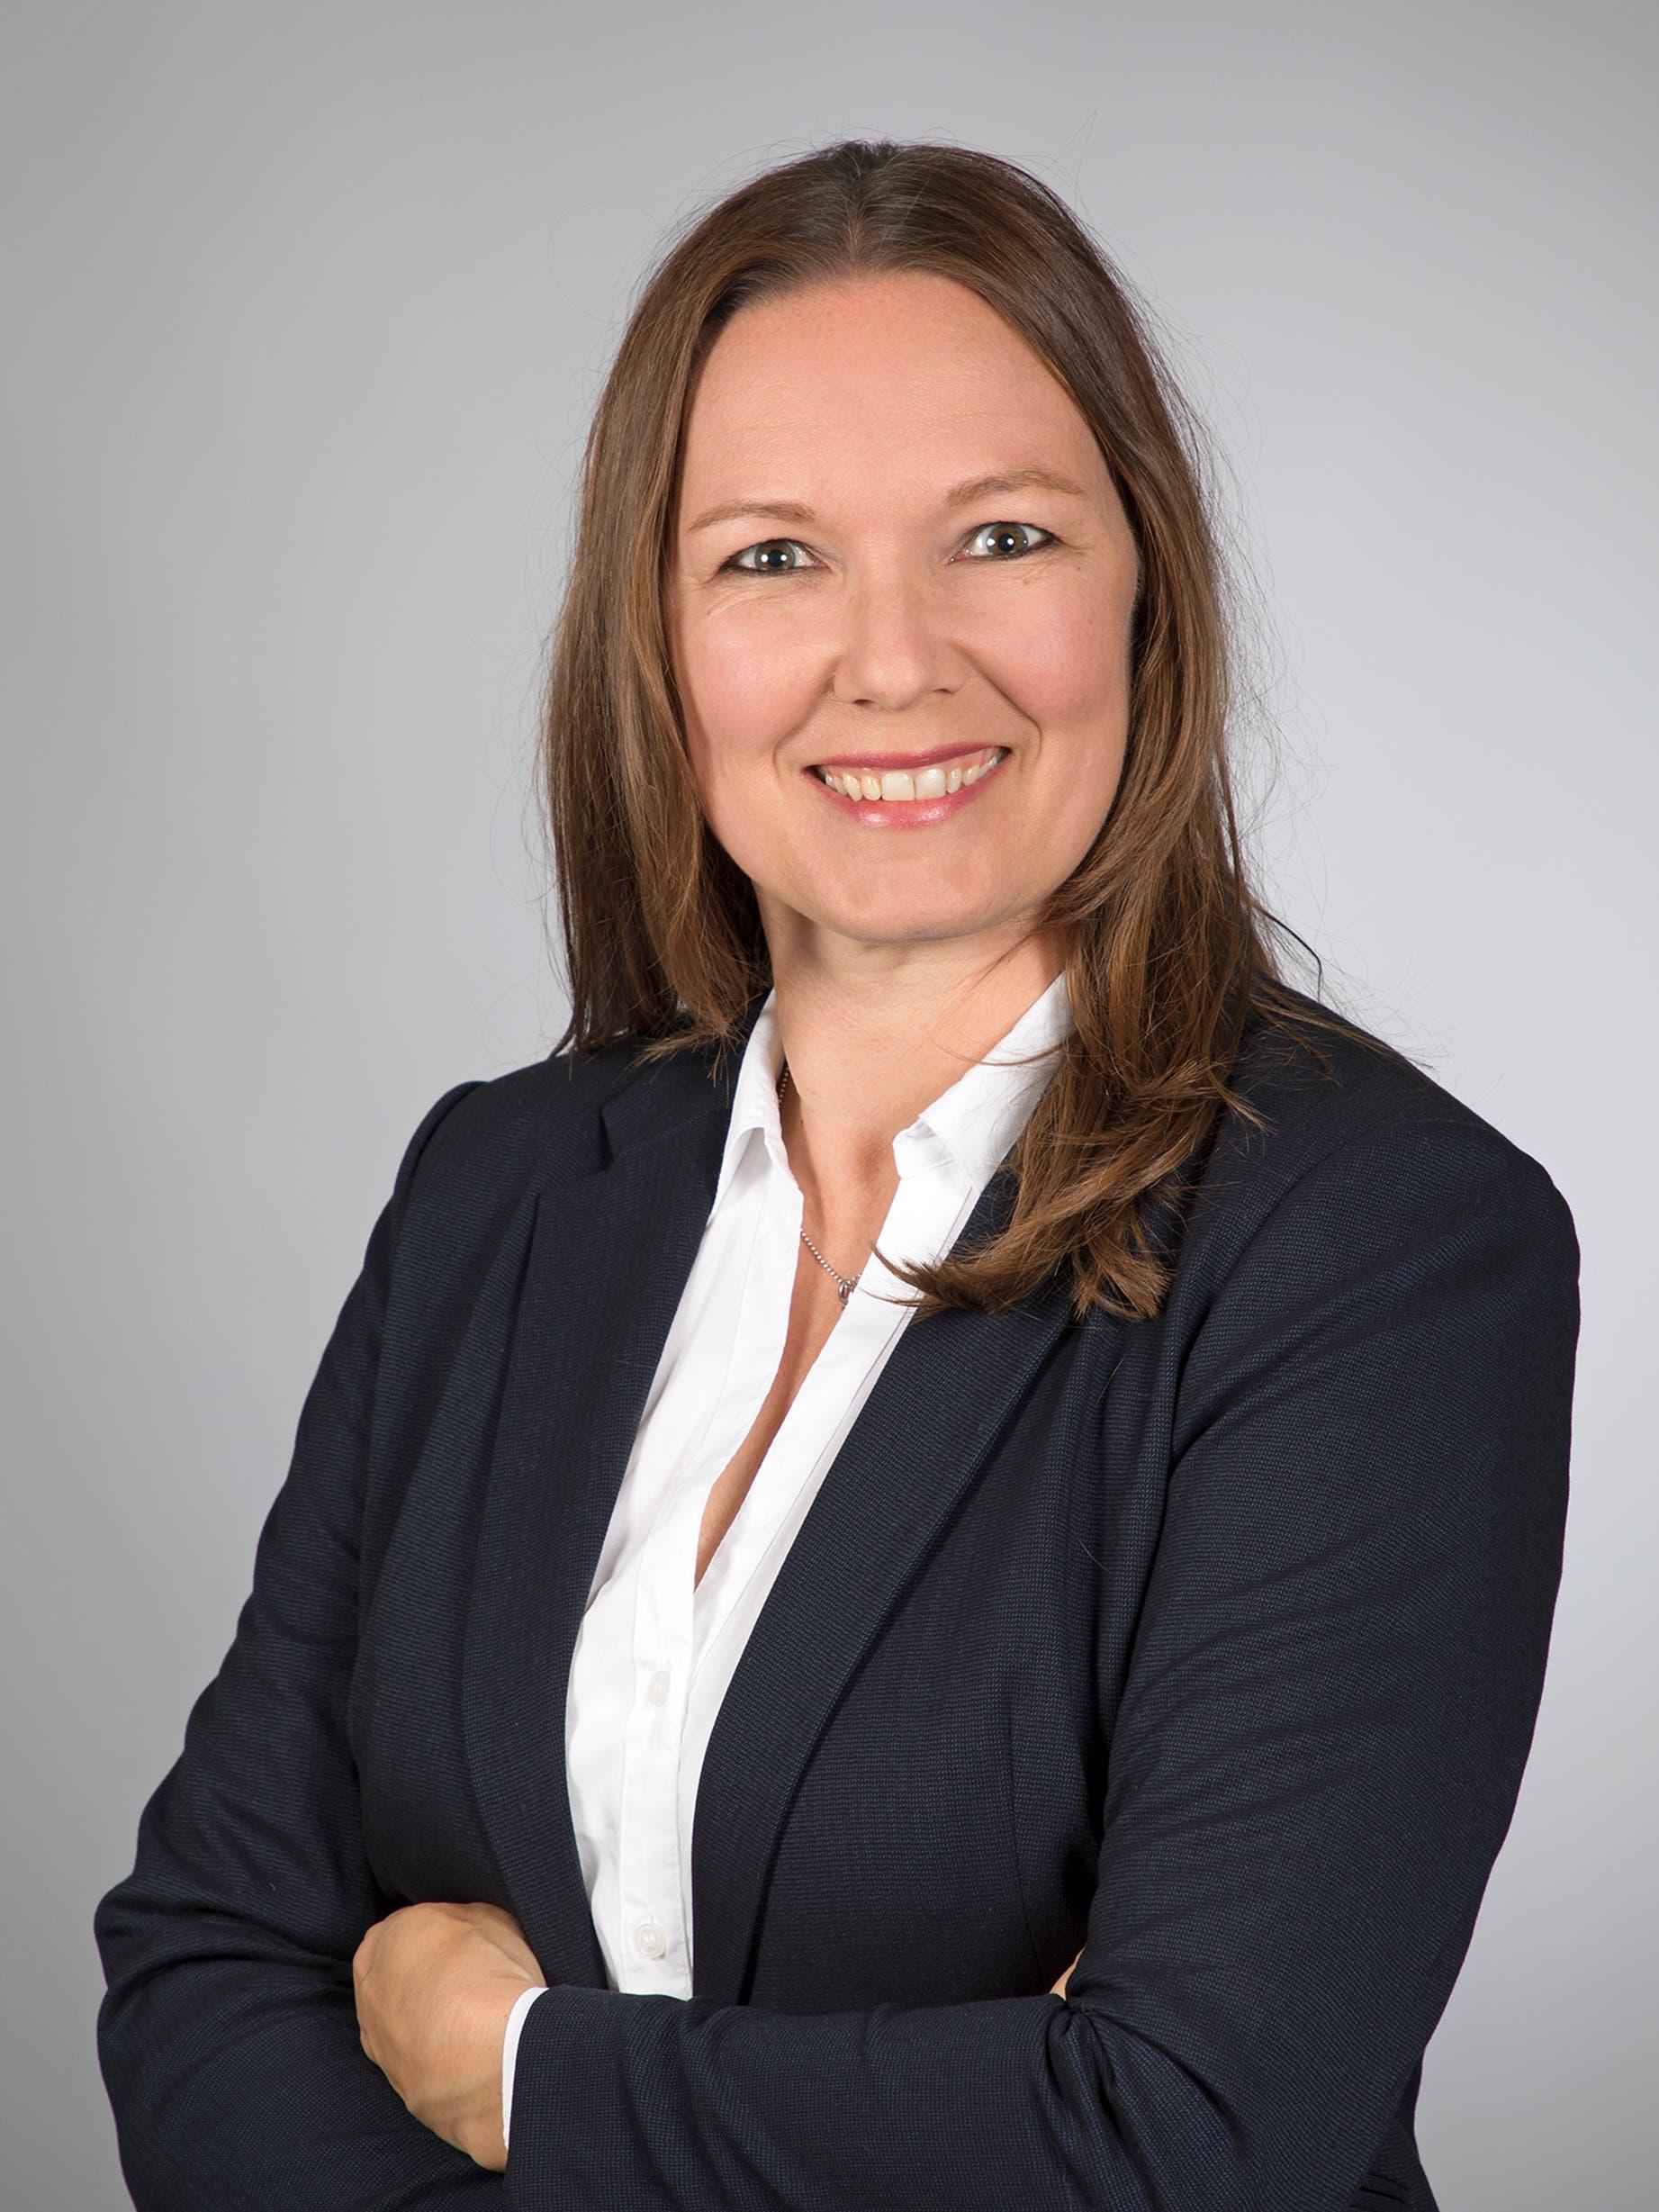 Gewählt: Tanja Schnyder-Duss, FDP (bisher)